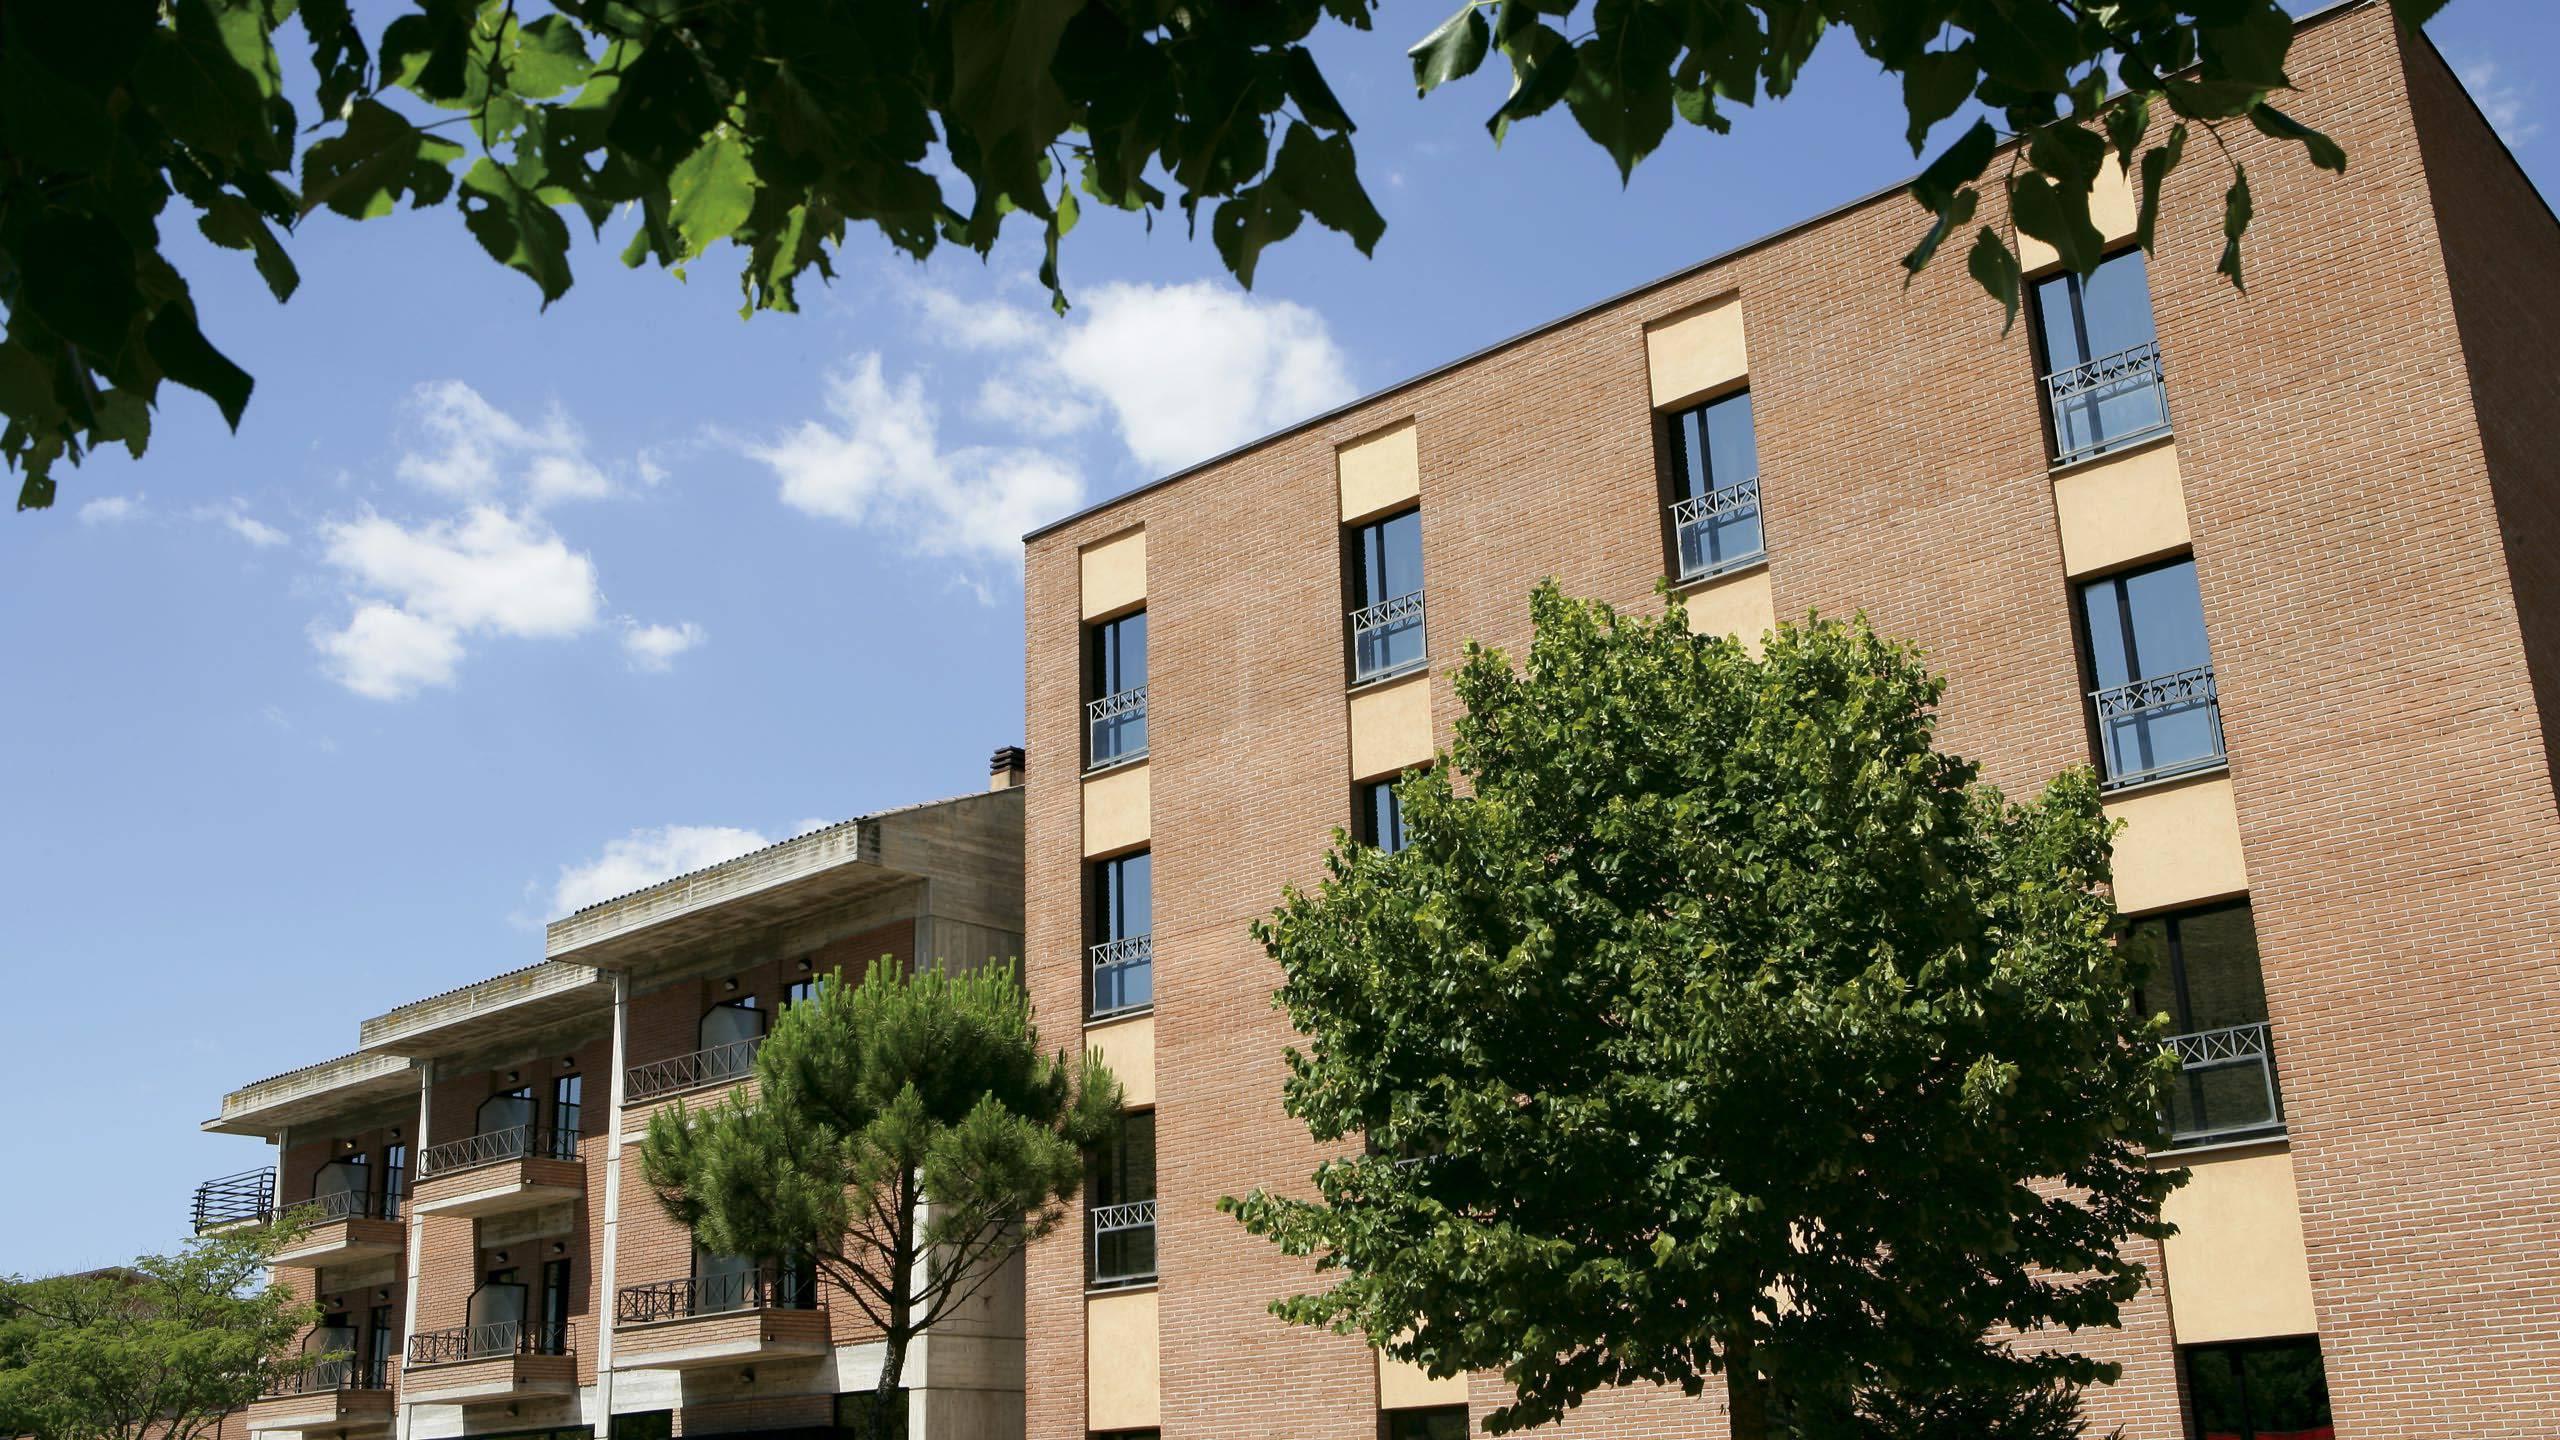 hotel-olimpia-avezzano-hotel-01